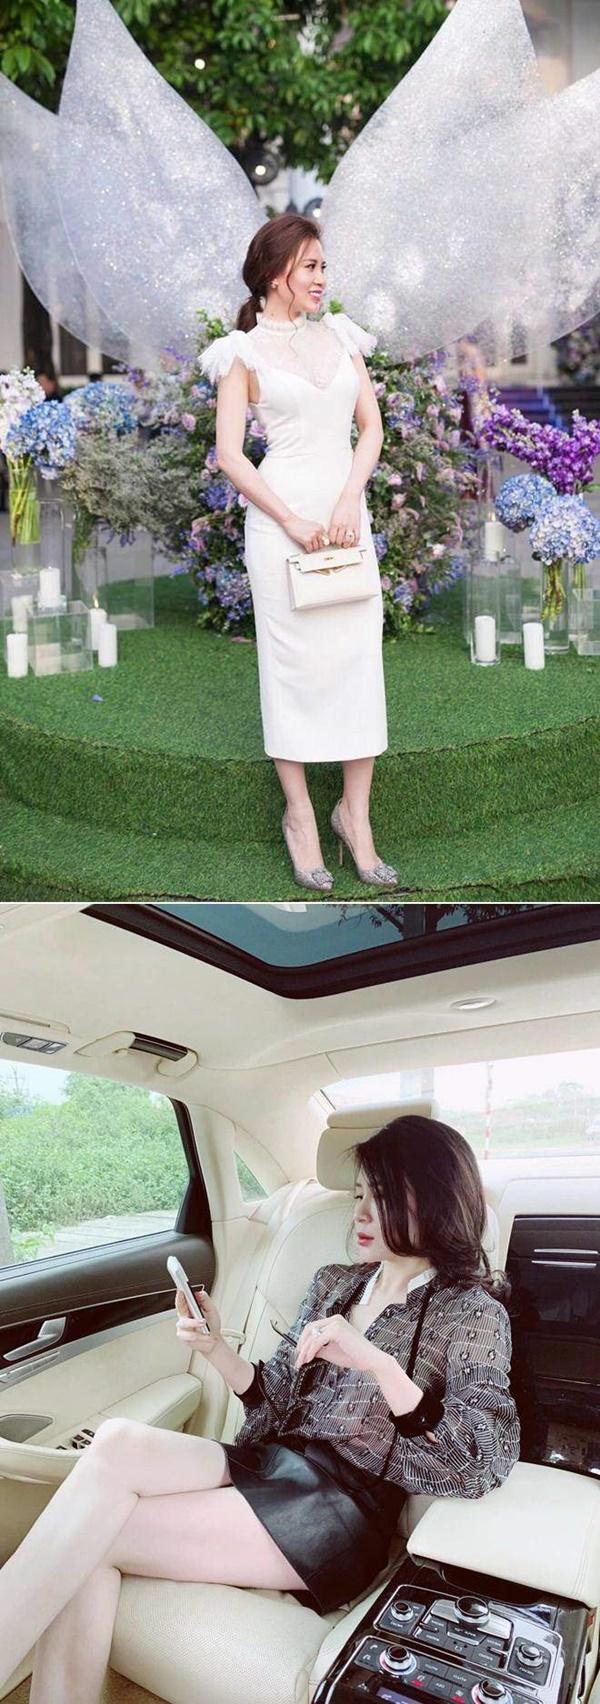 3 MC kết hôn lần 2: Vợ đều cách xa chục tuổi, đẹp không thua Hoa hậu - người mẫu-20